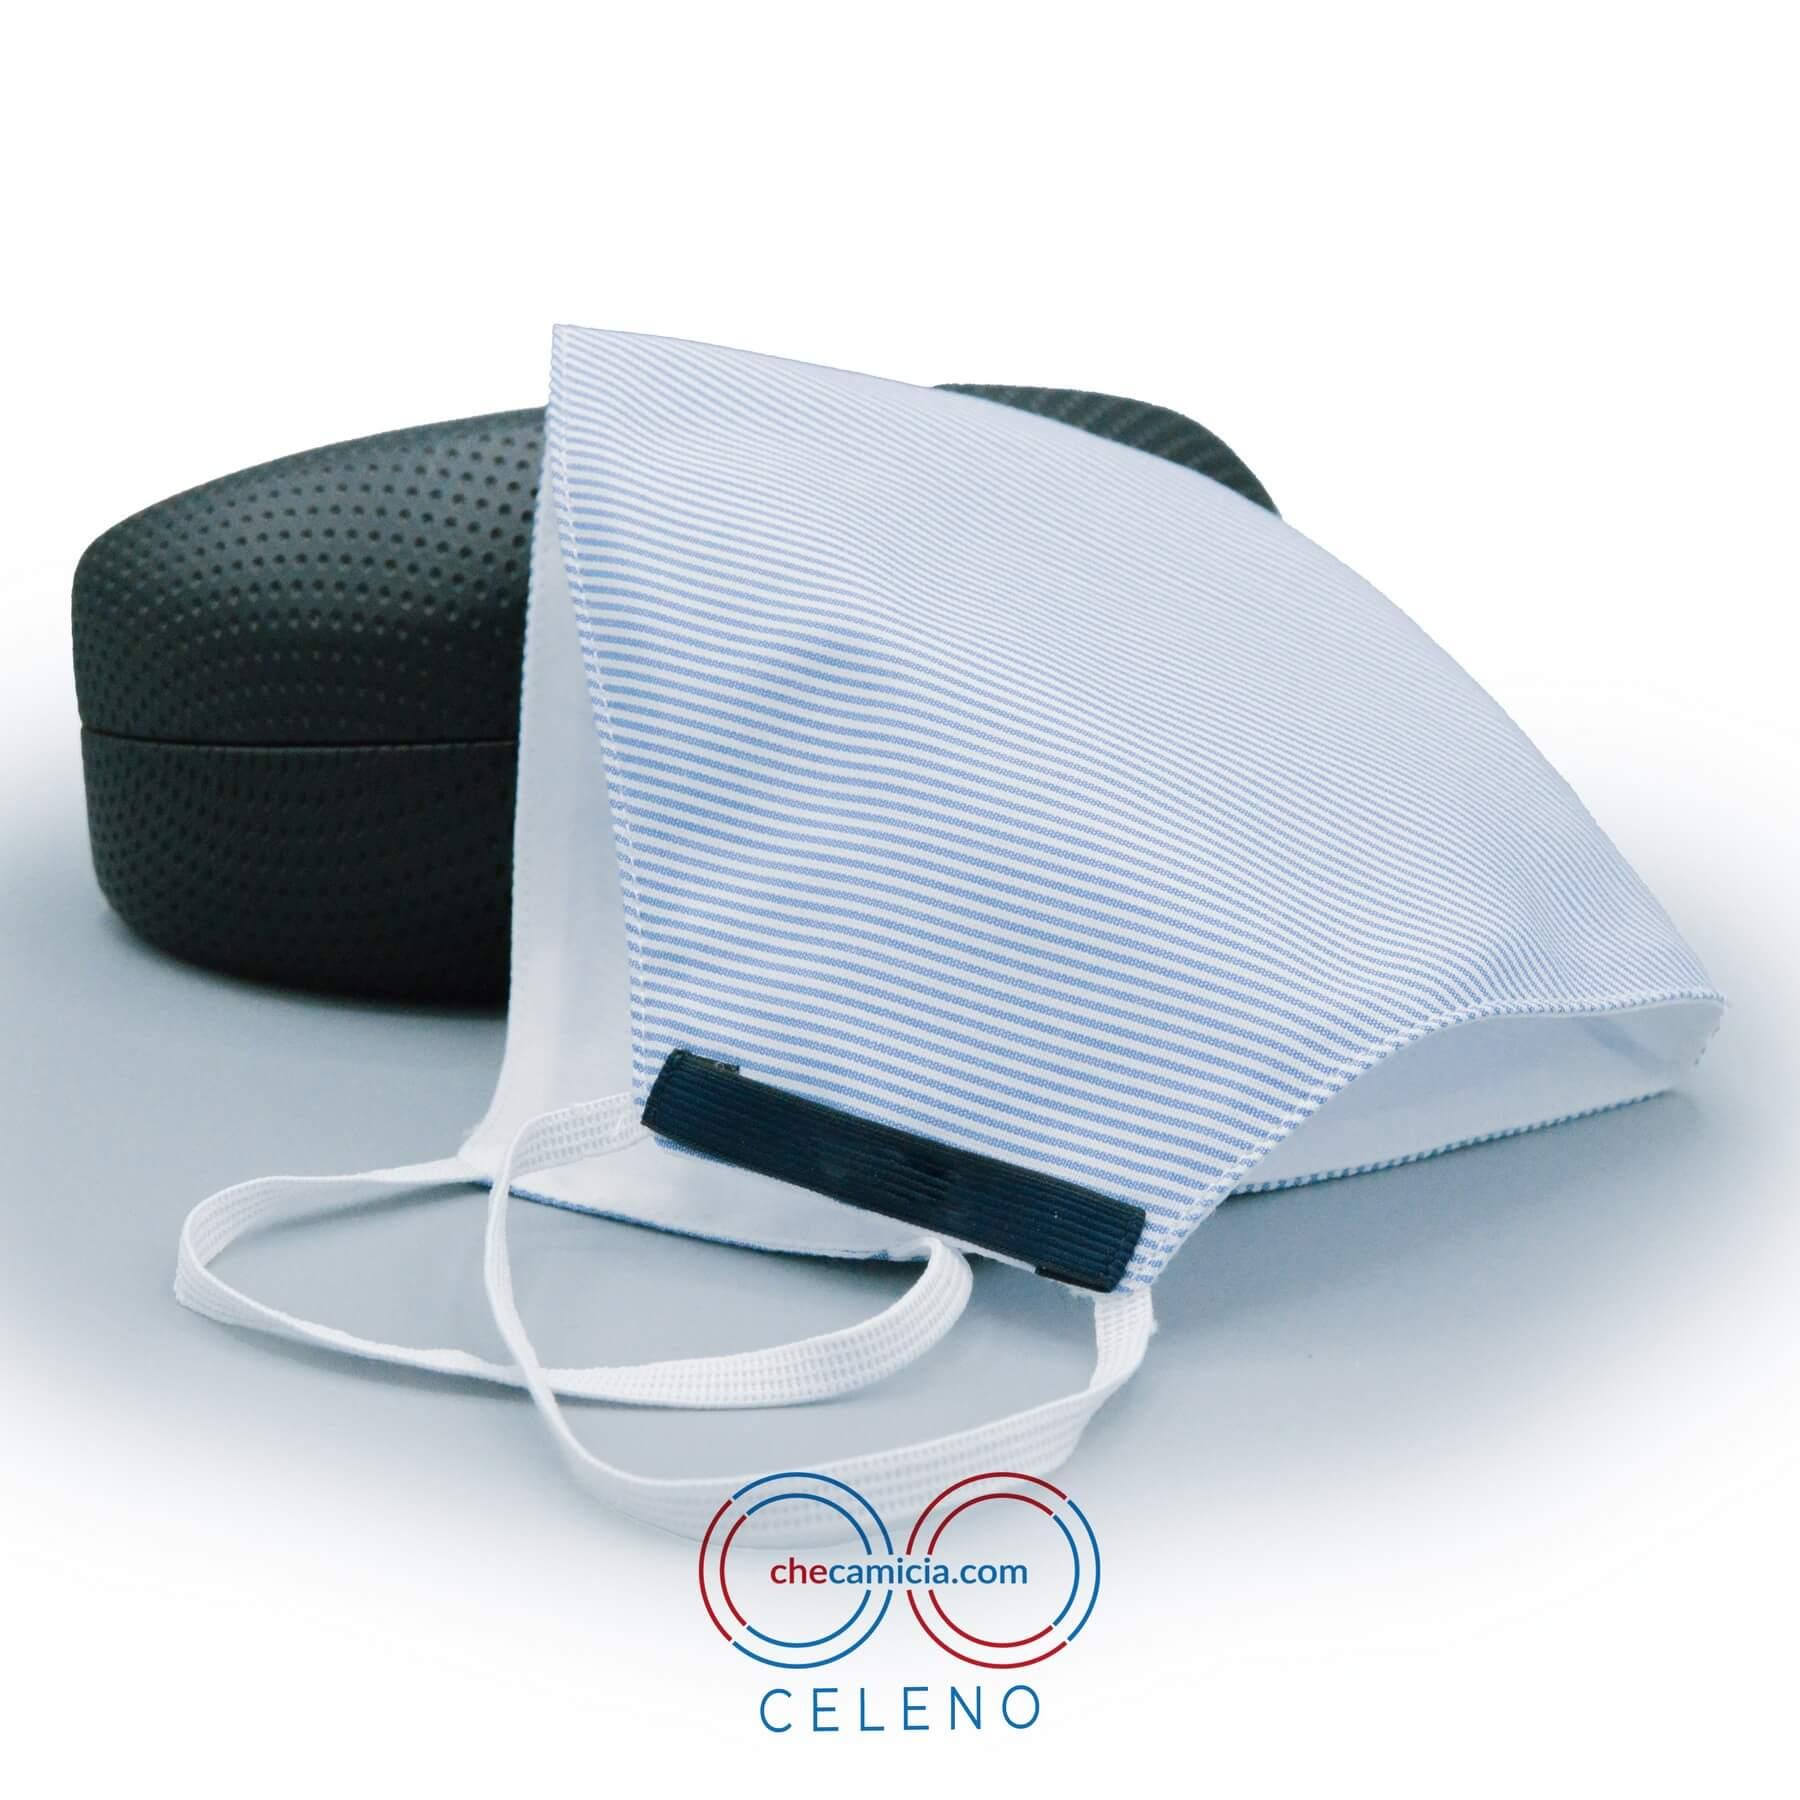 Mascherine in tessuto lavabili righe bianche e celesti 100 cotone checamicia - Celeno